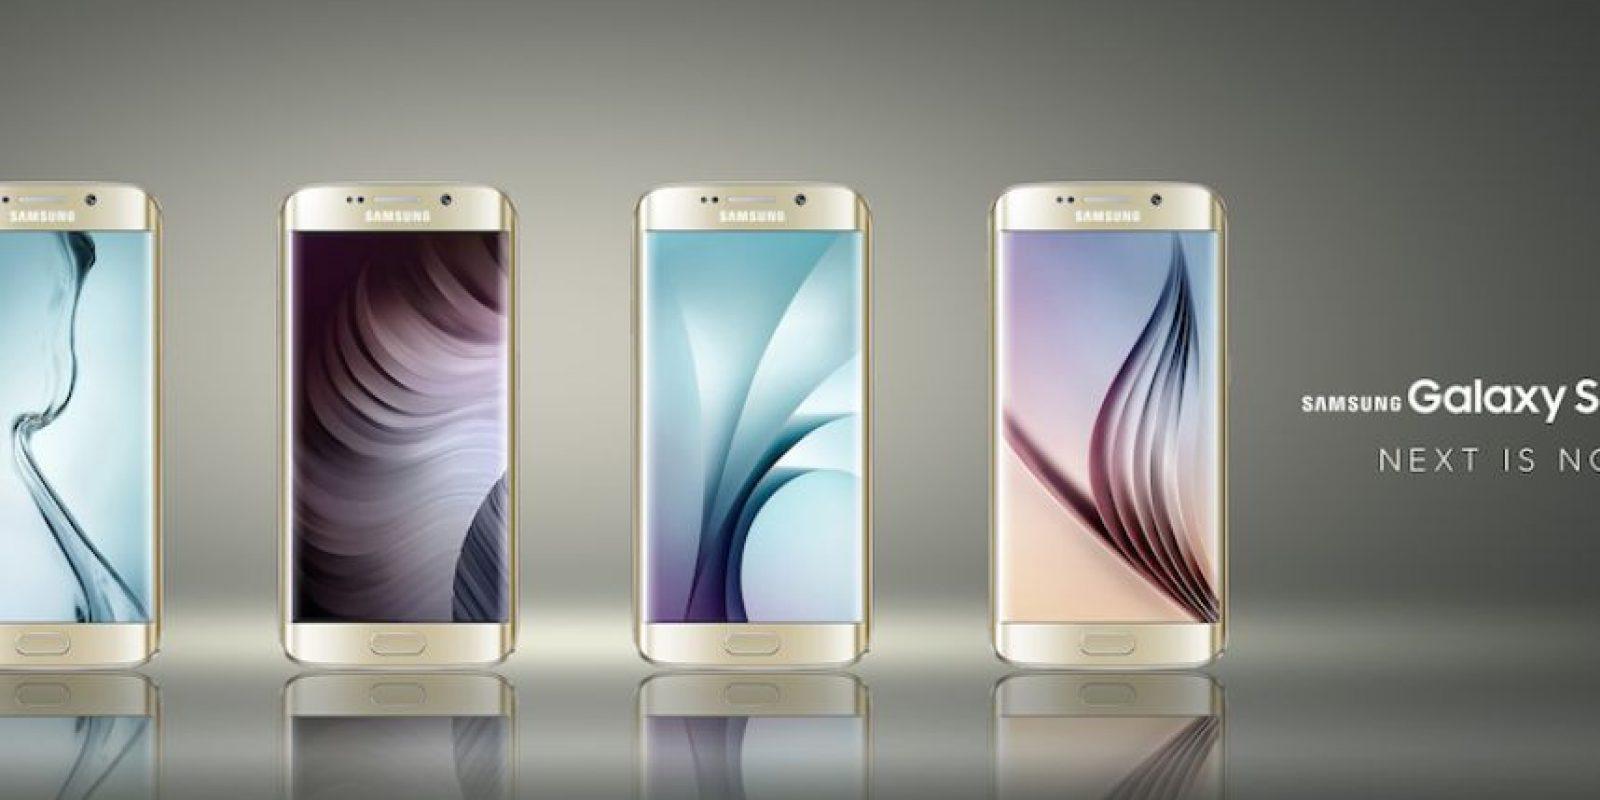 Su peso es de tan solo 132 gramos. Foto:Samsung